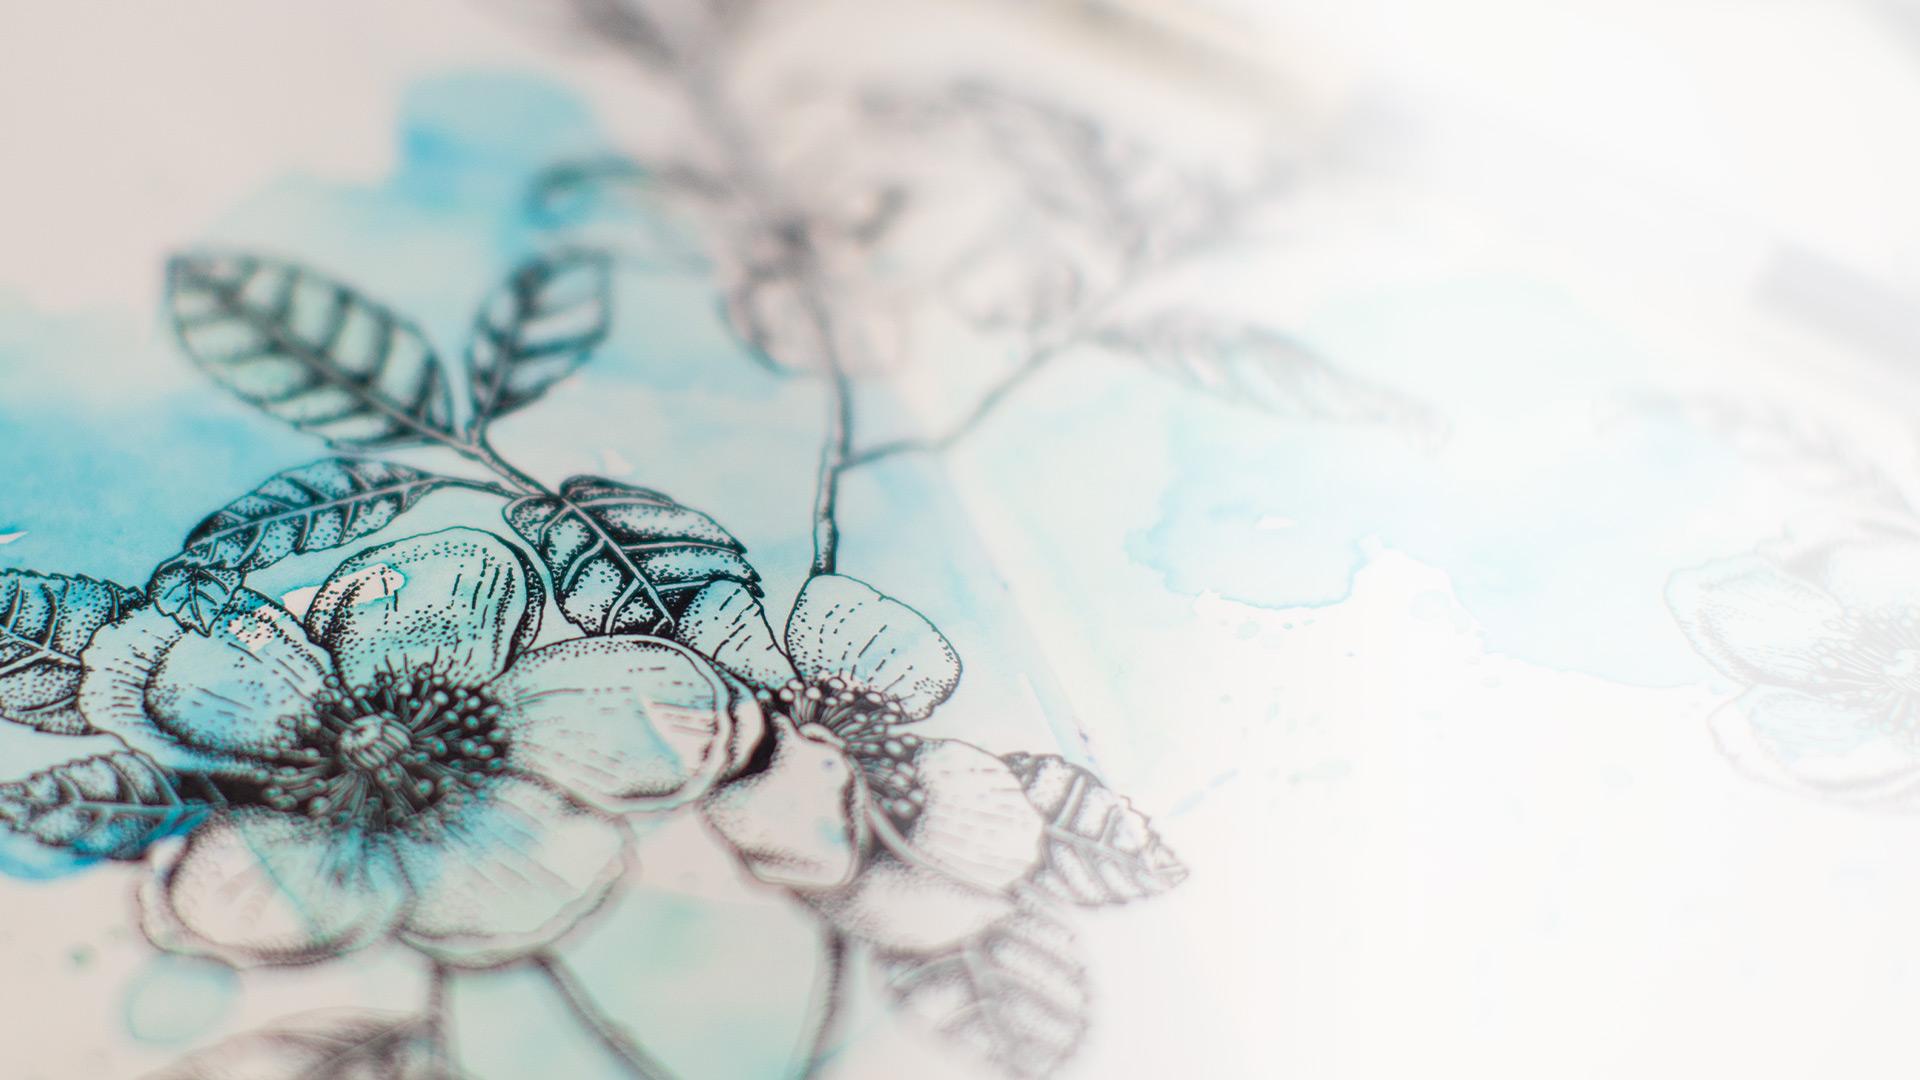 Akwarela przedstawiająca niebieski kwiat